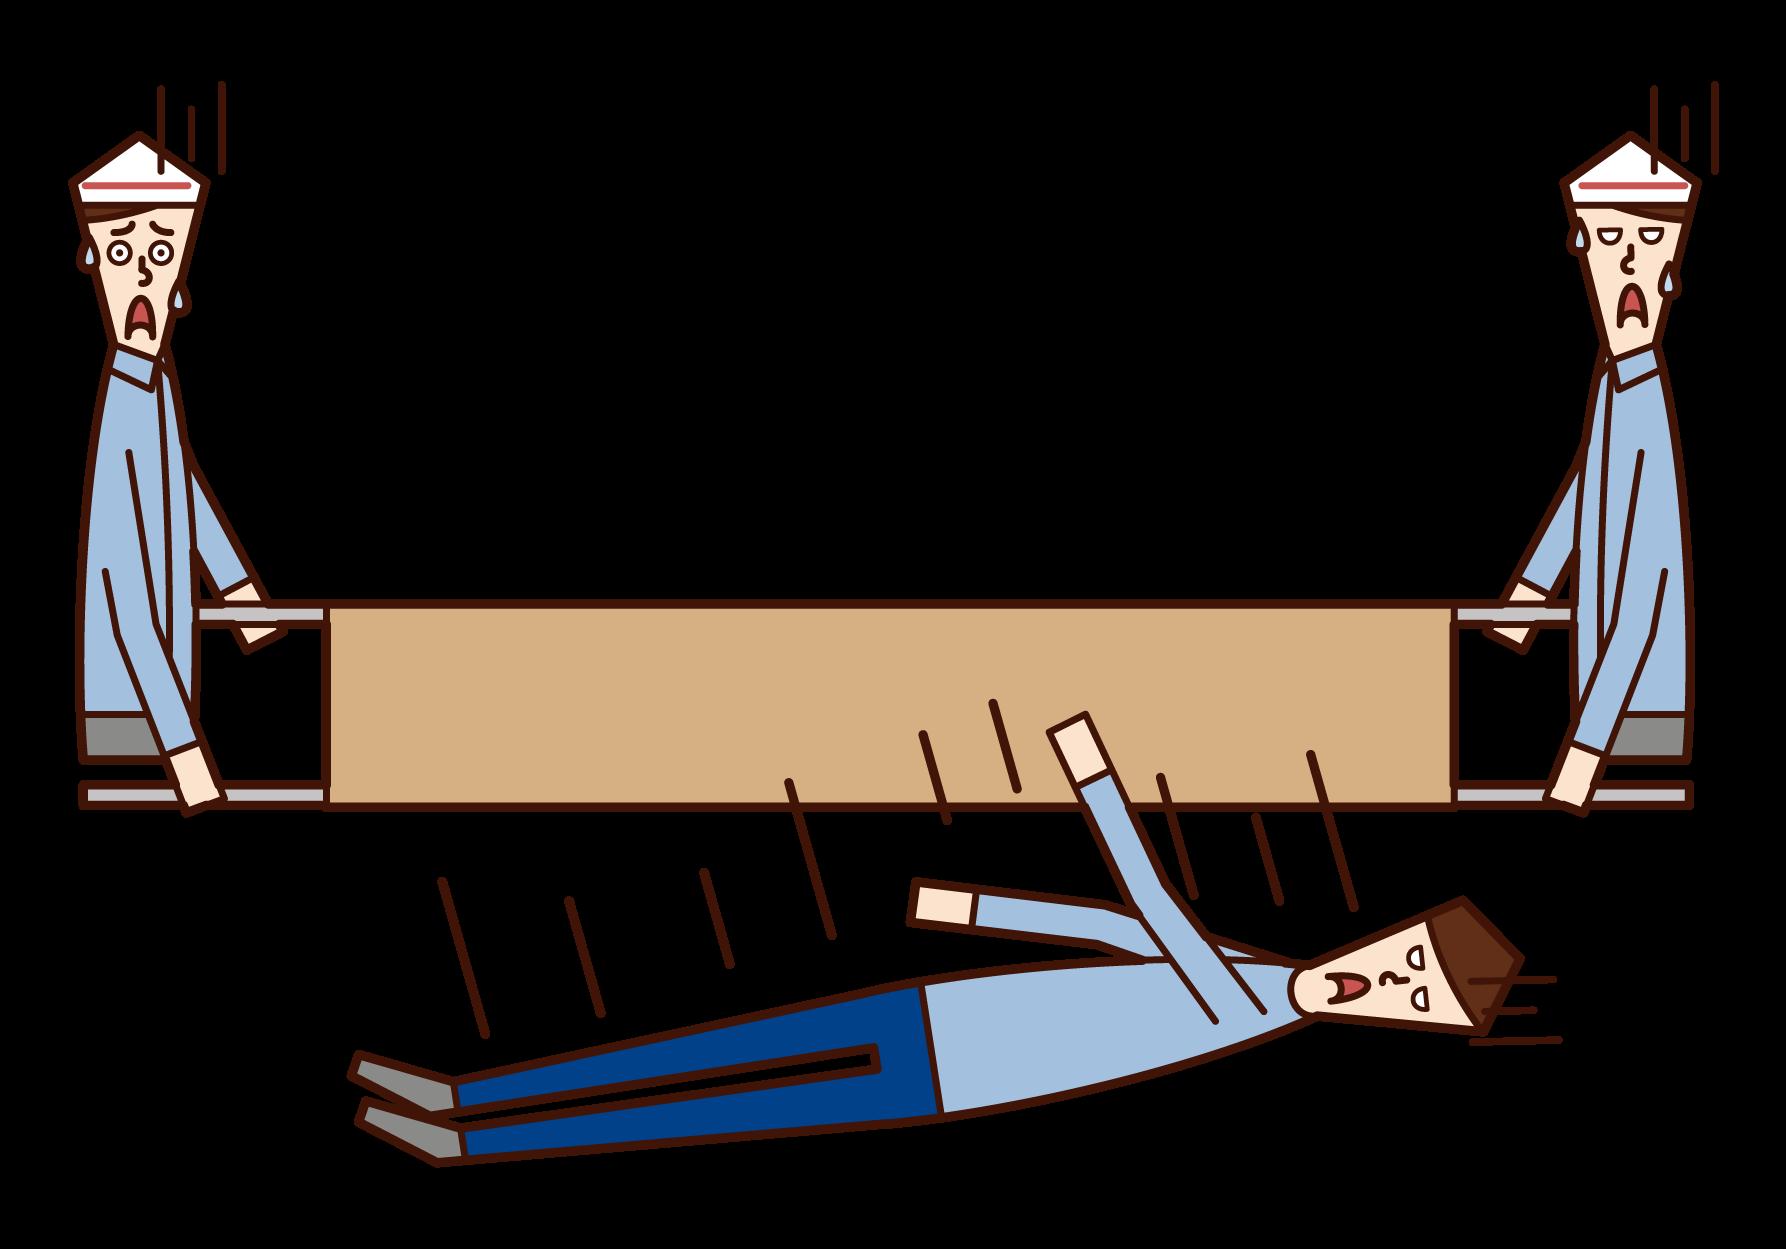 從擔架上摔下來的人(男性)的插圖